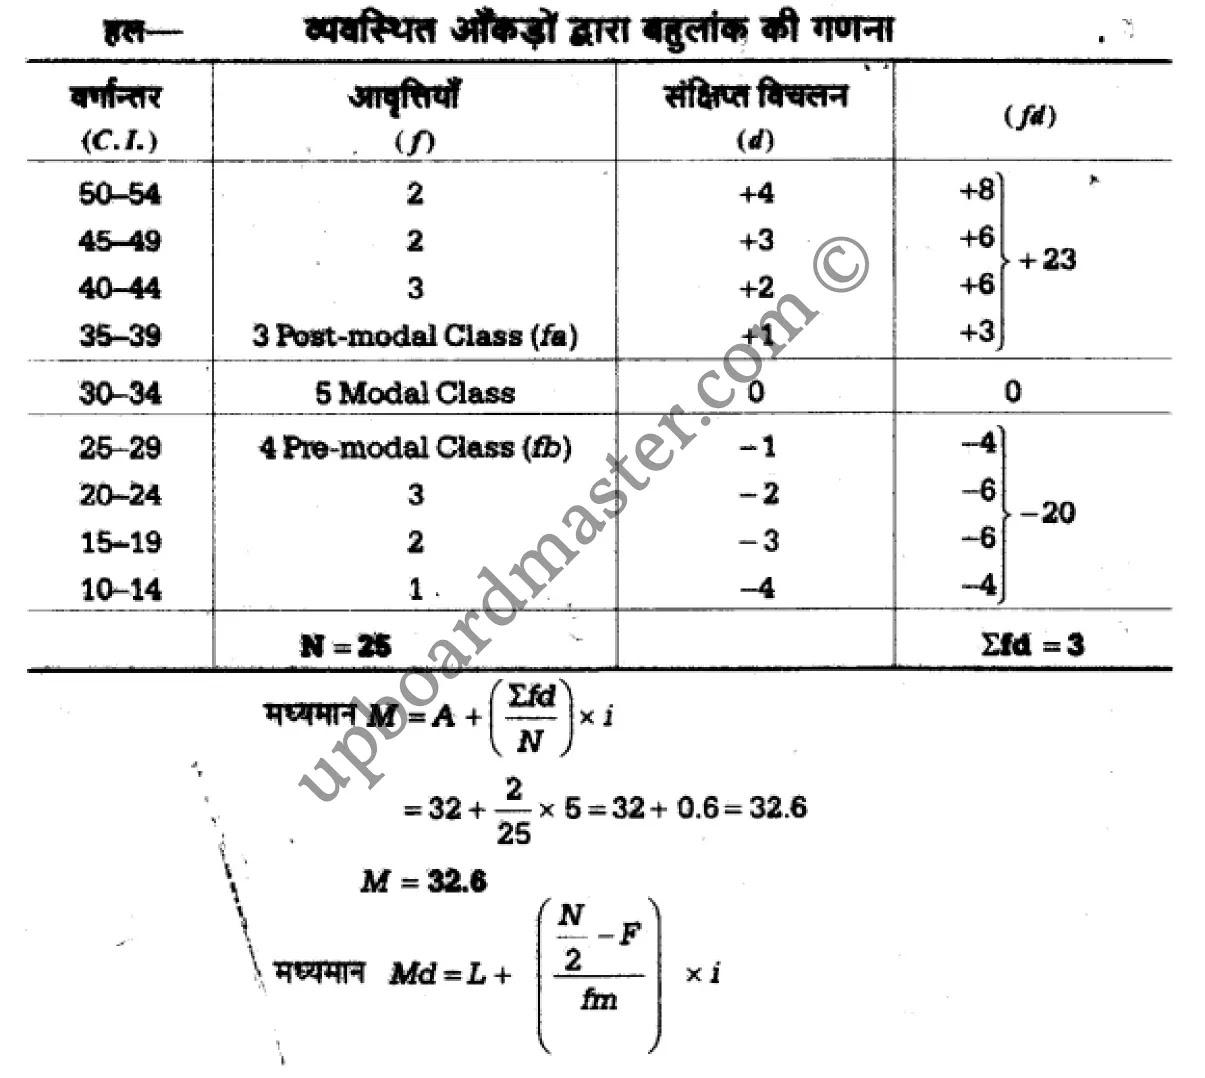 class 11 psychology chapter 12 hindi 52